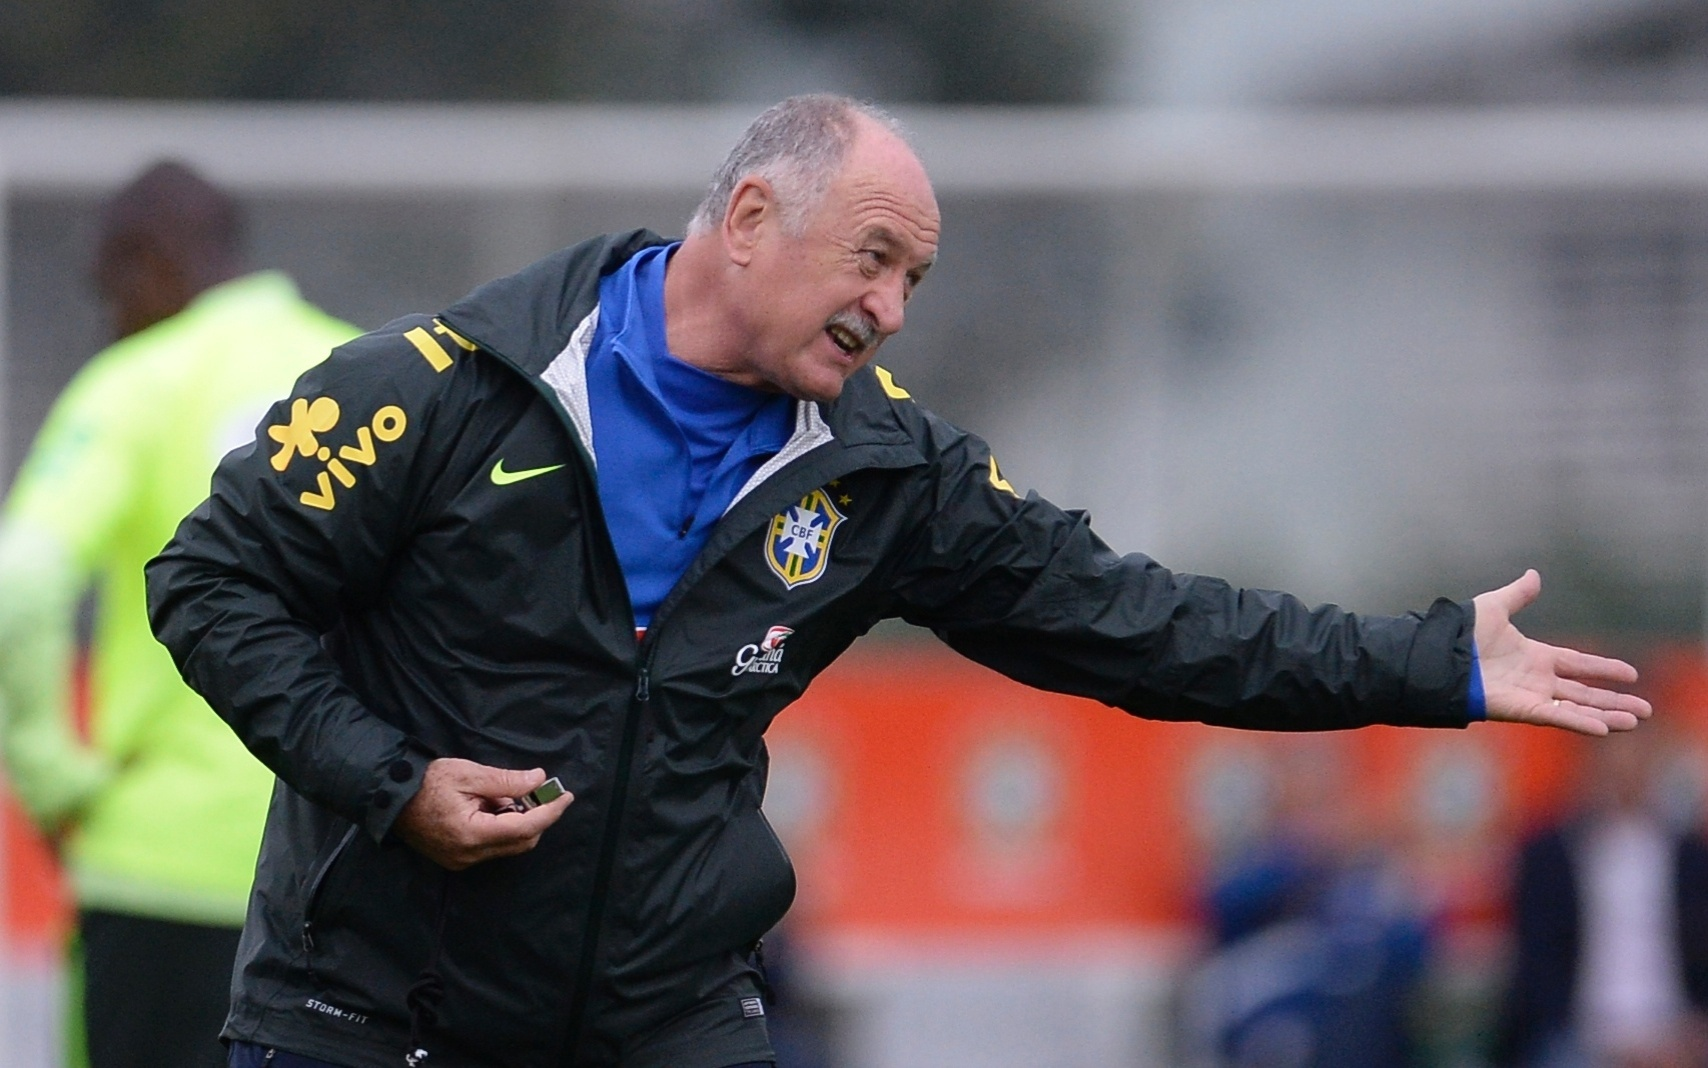 Felipão gesticula muito durante treino da seleção brasileira